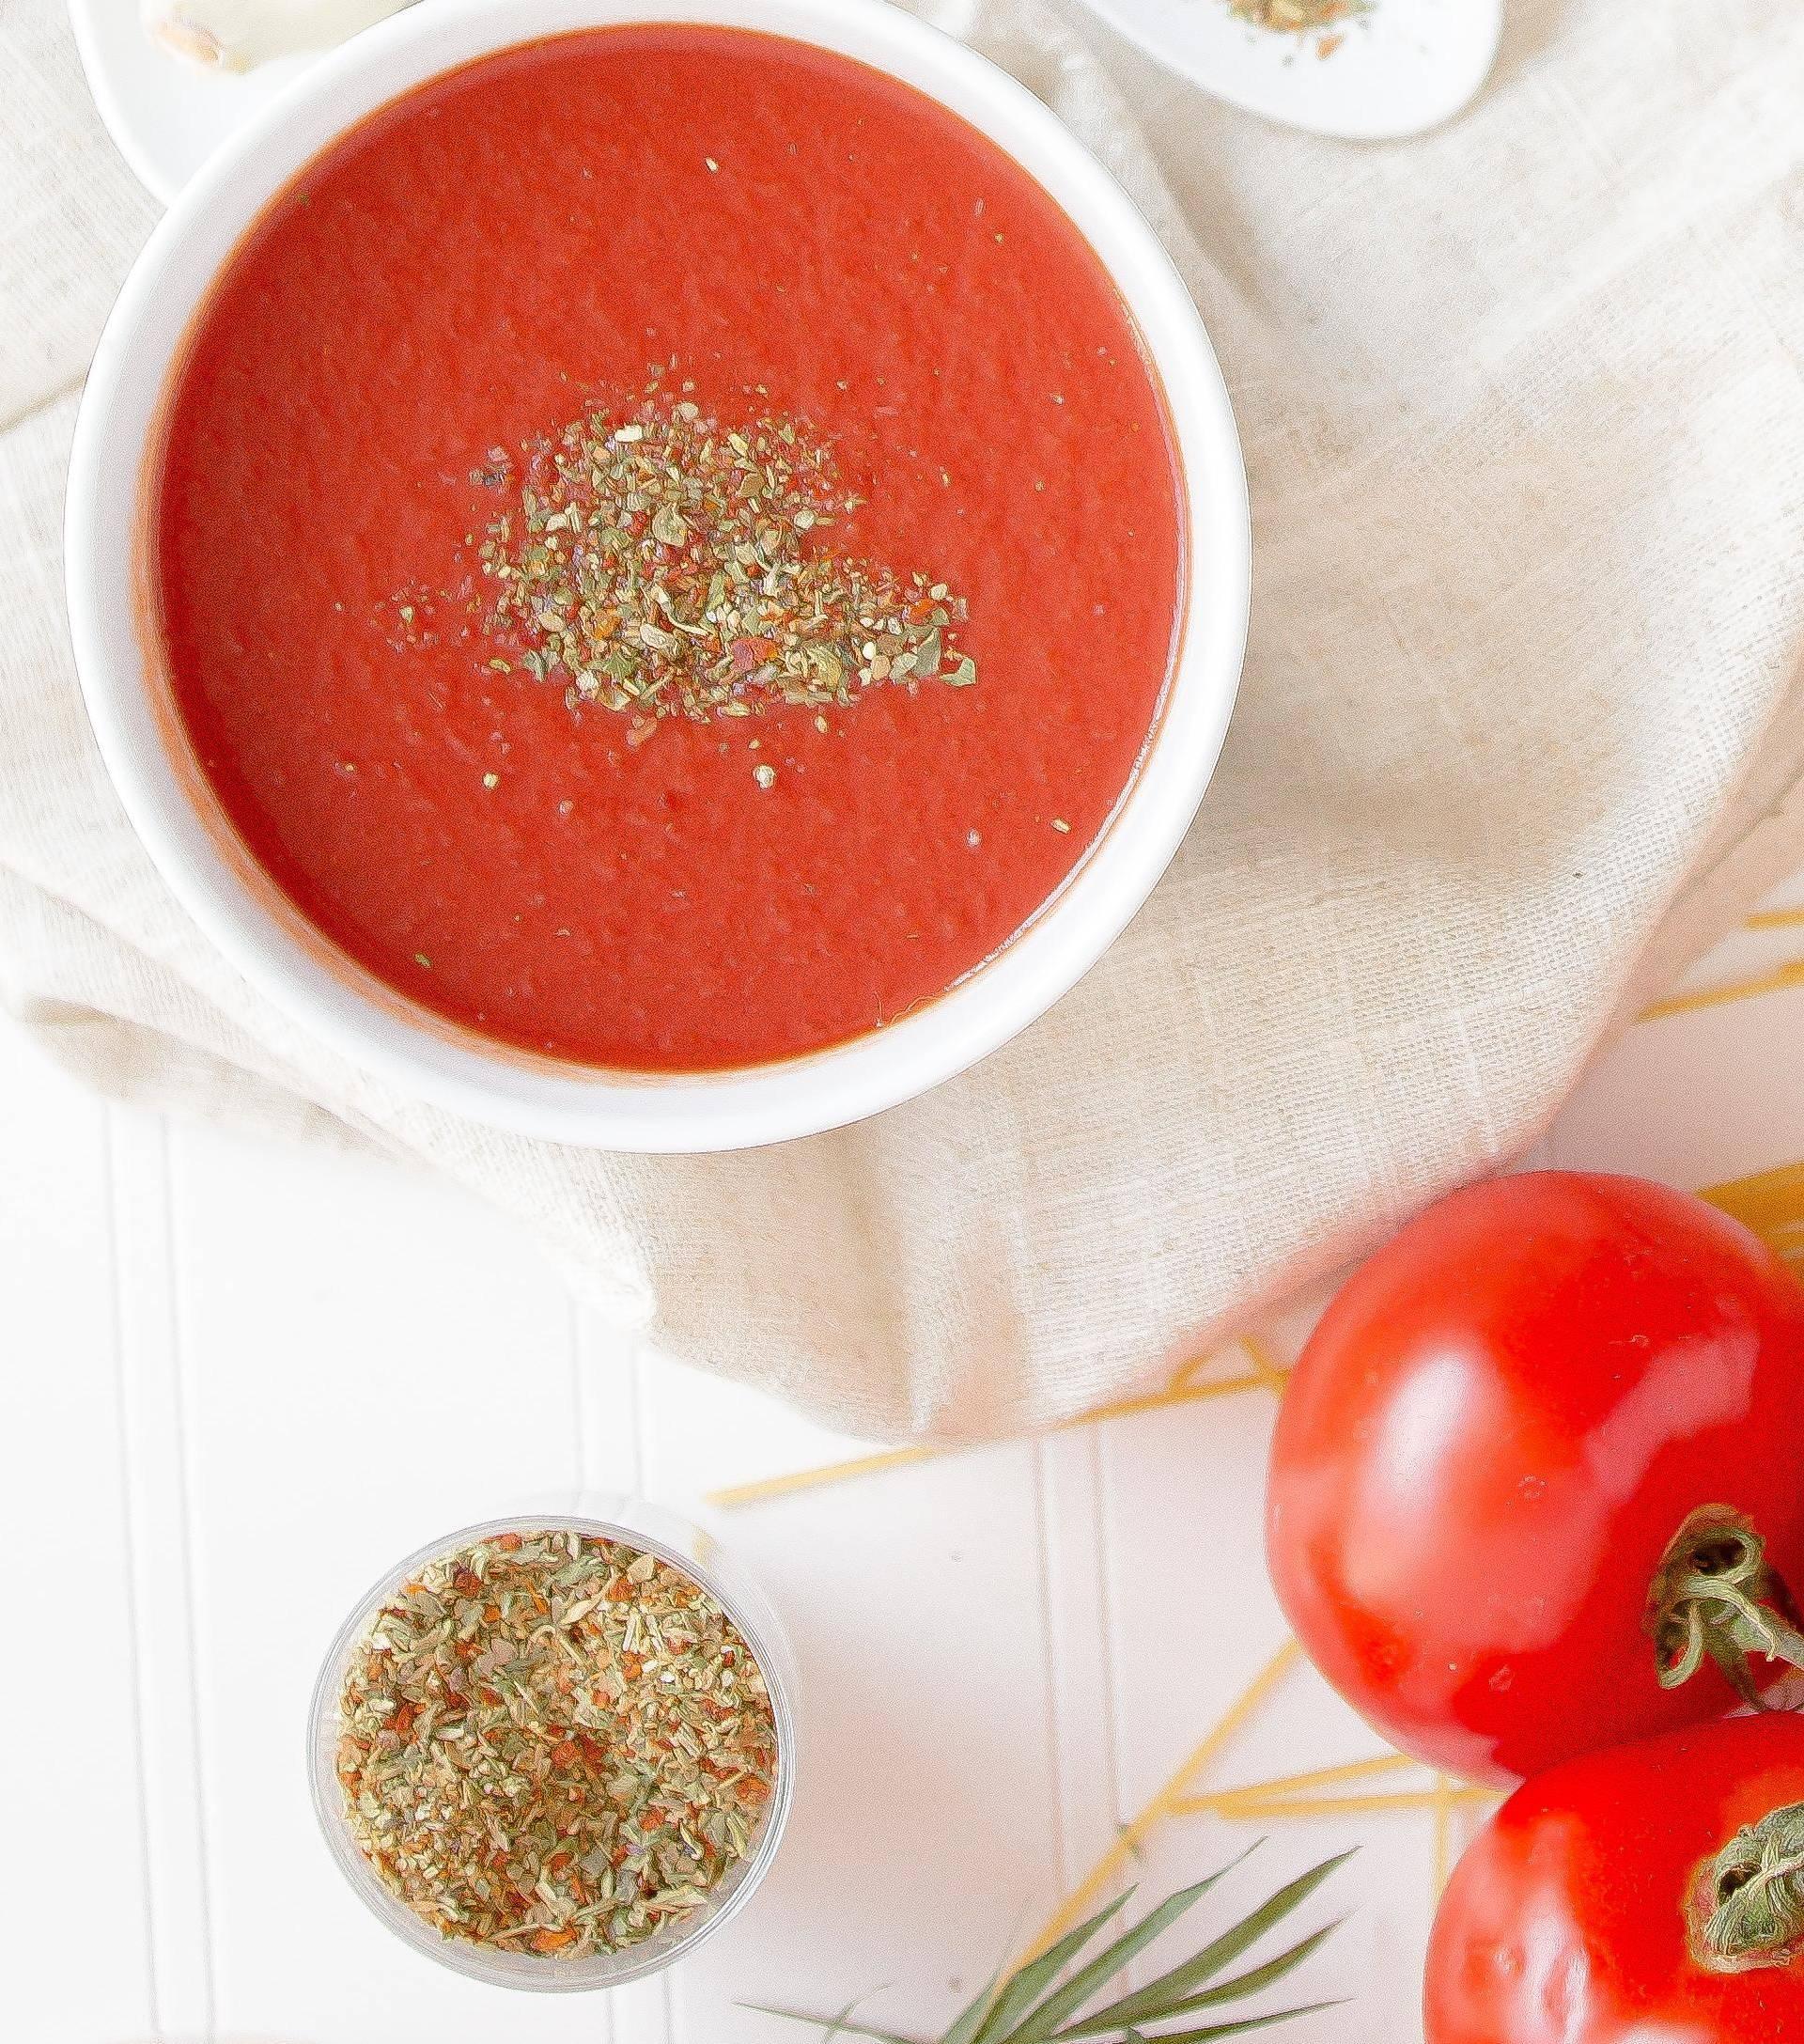 Likopen iz rajčica utječe na smanjeno širenje stanica raka